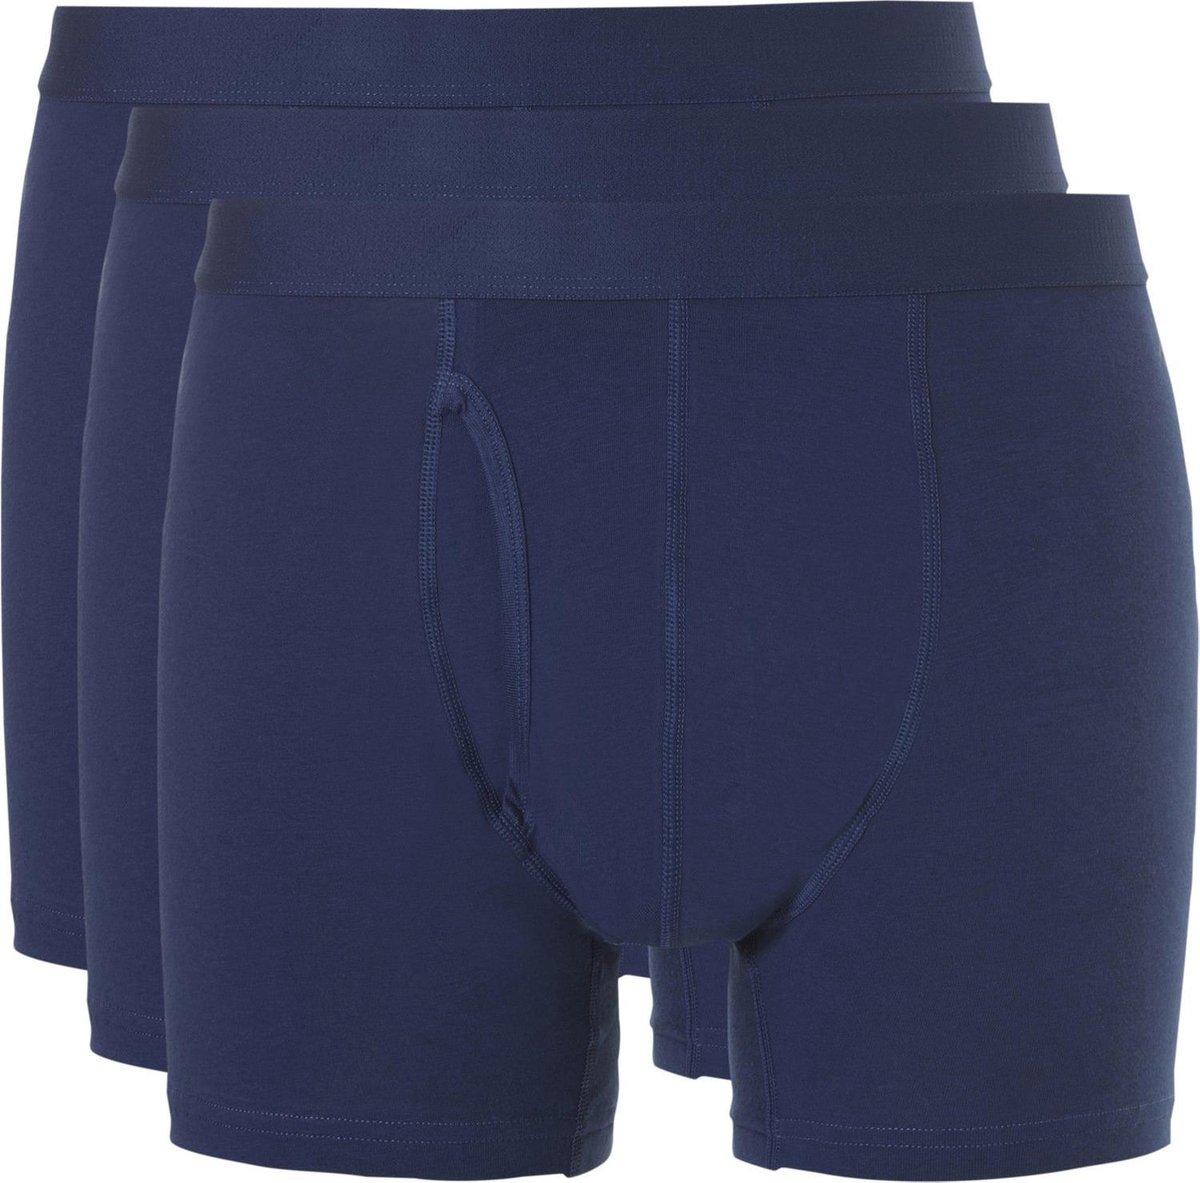 Ten Cate Boxer 3Pack Basic Blauw - Maat L